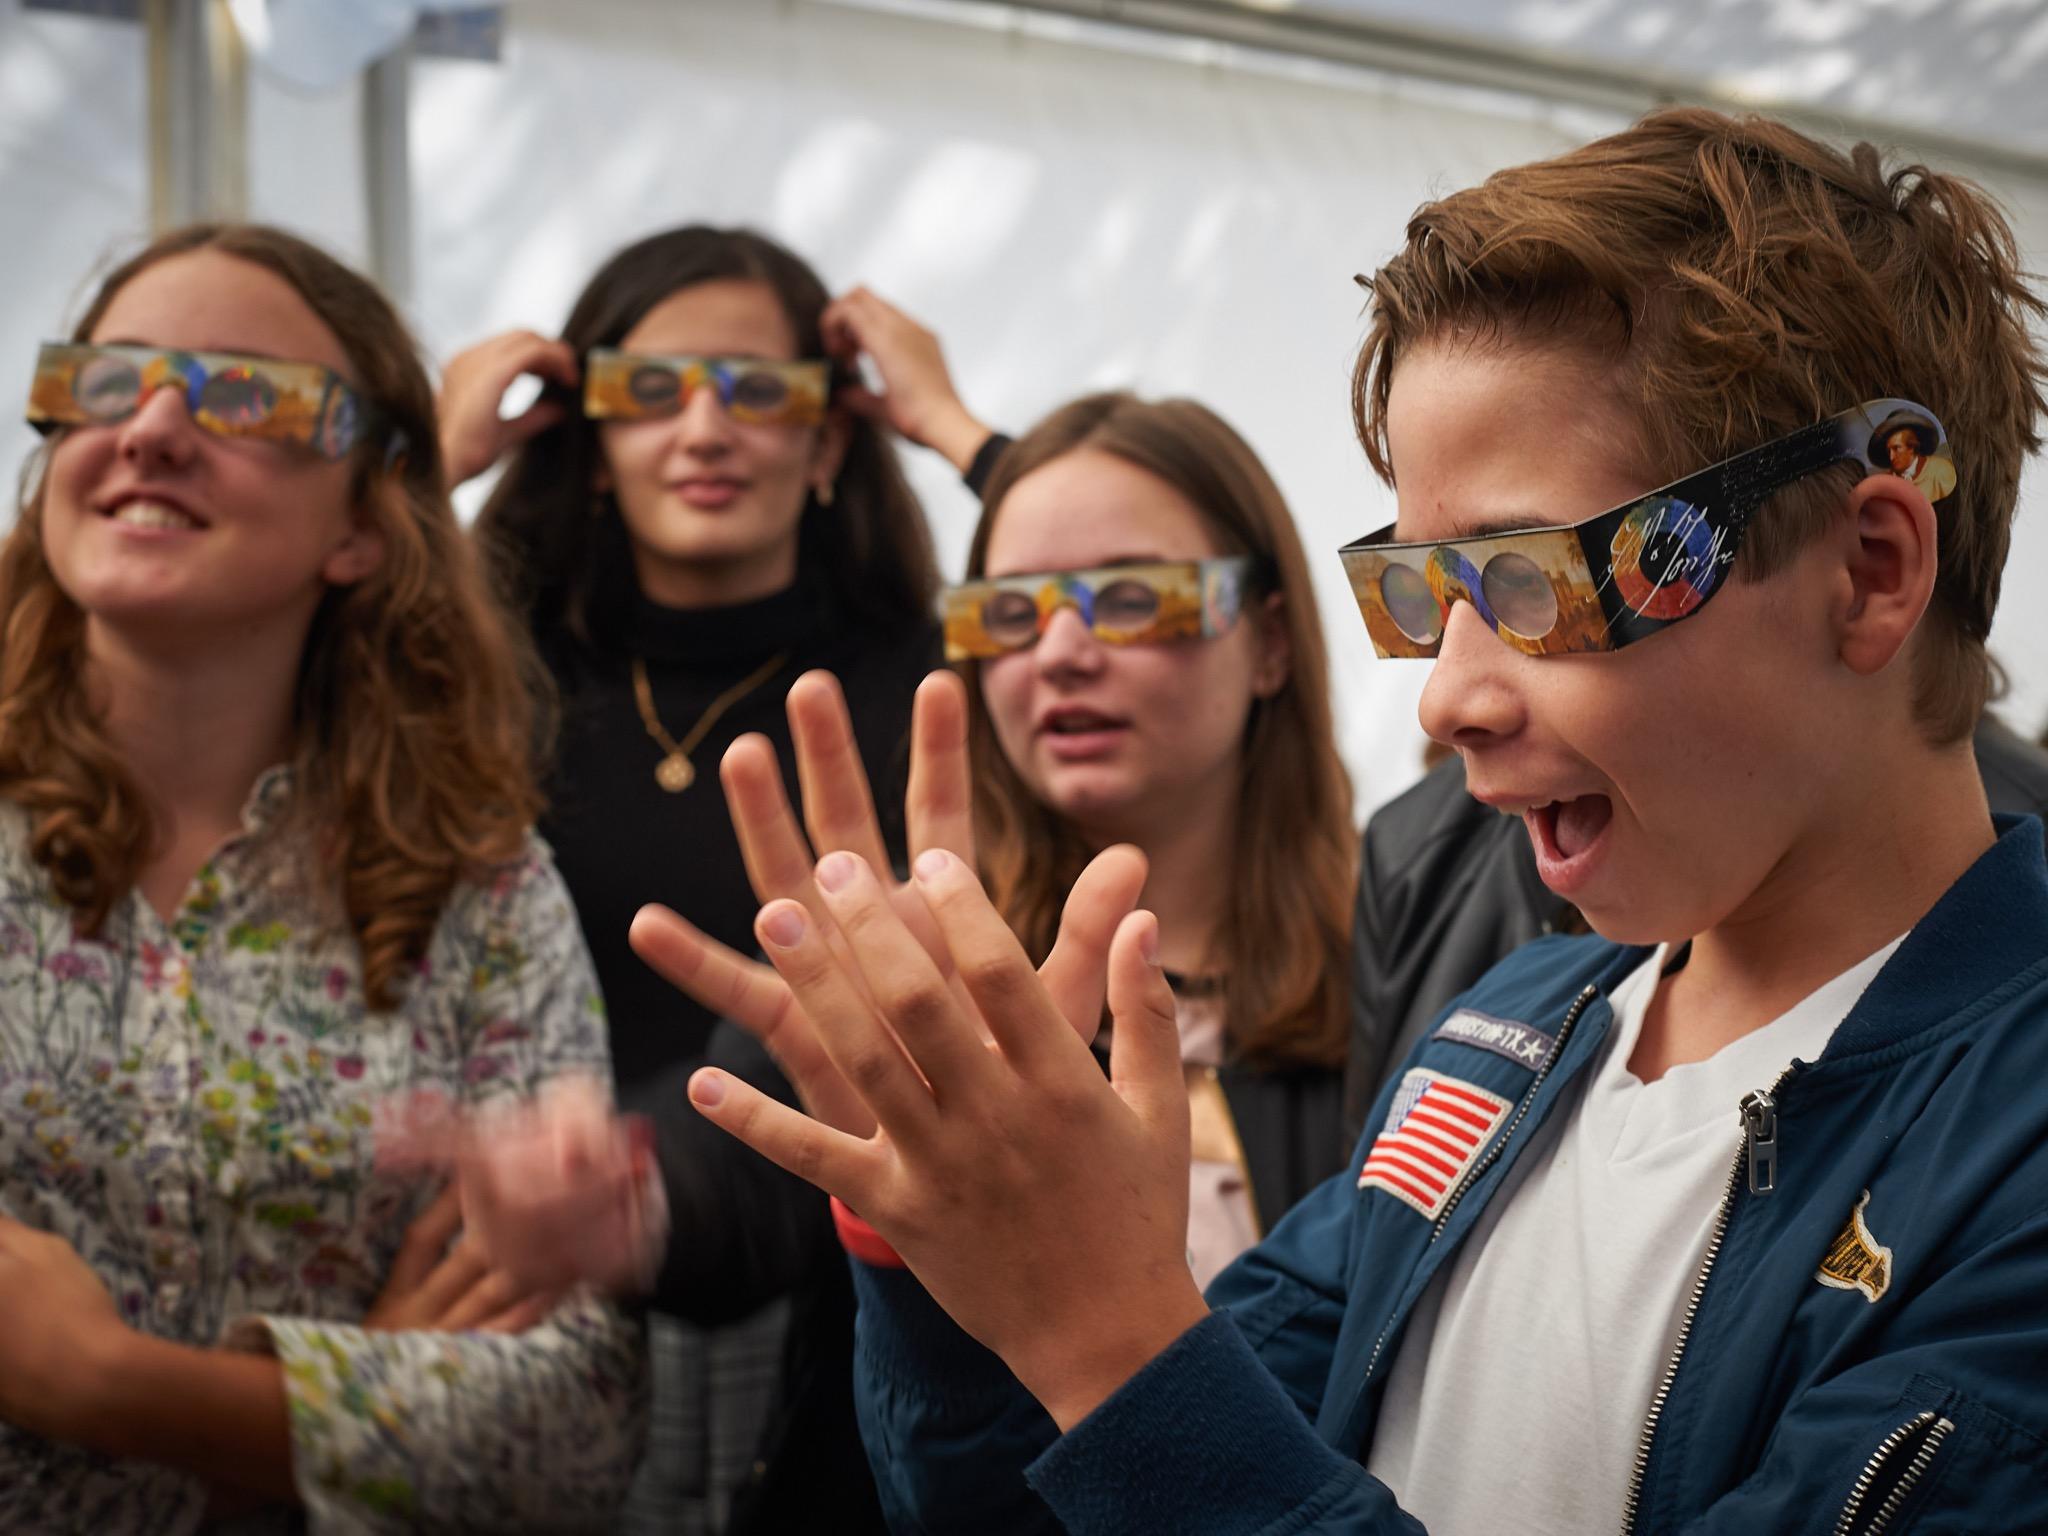 Durch die unkonventionelle Kombination von Festival und Wissenschaft soll Physik den BesucherInnen auf spielerische Art und Weise näher gebracht werden. Foto: Highlights der Physik/Offer